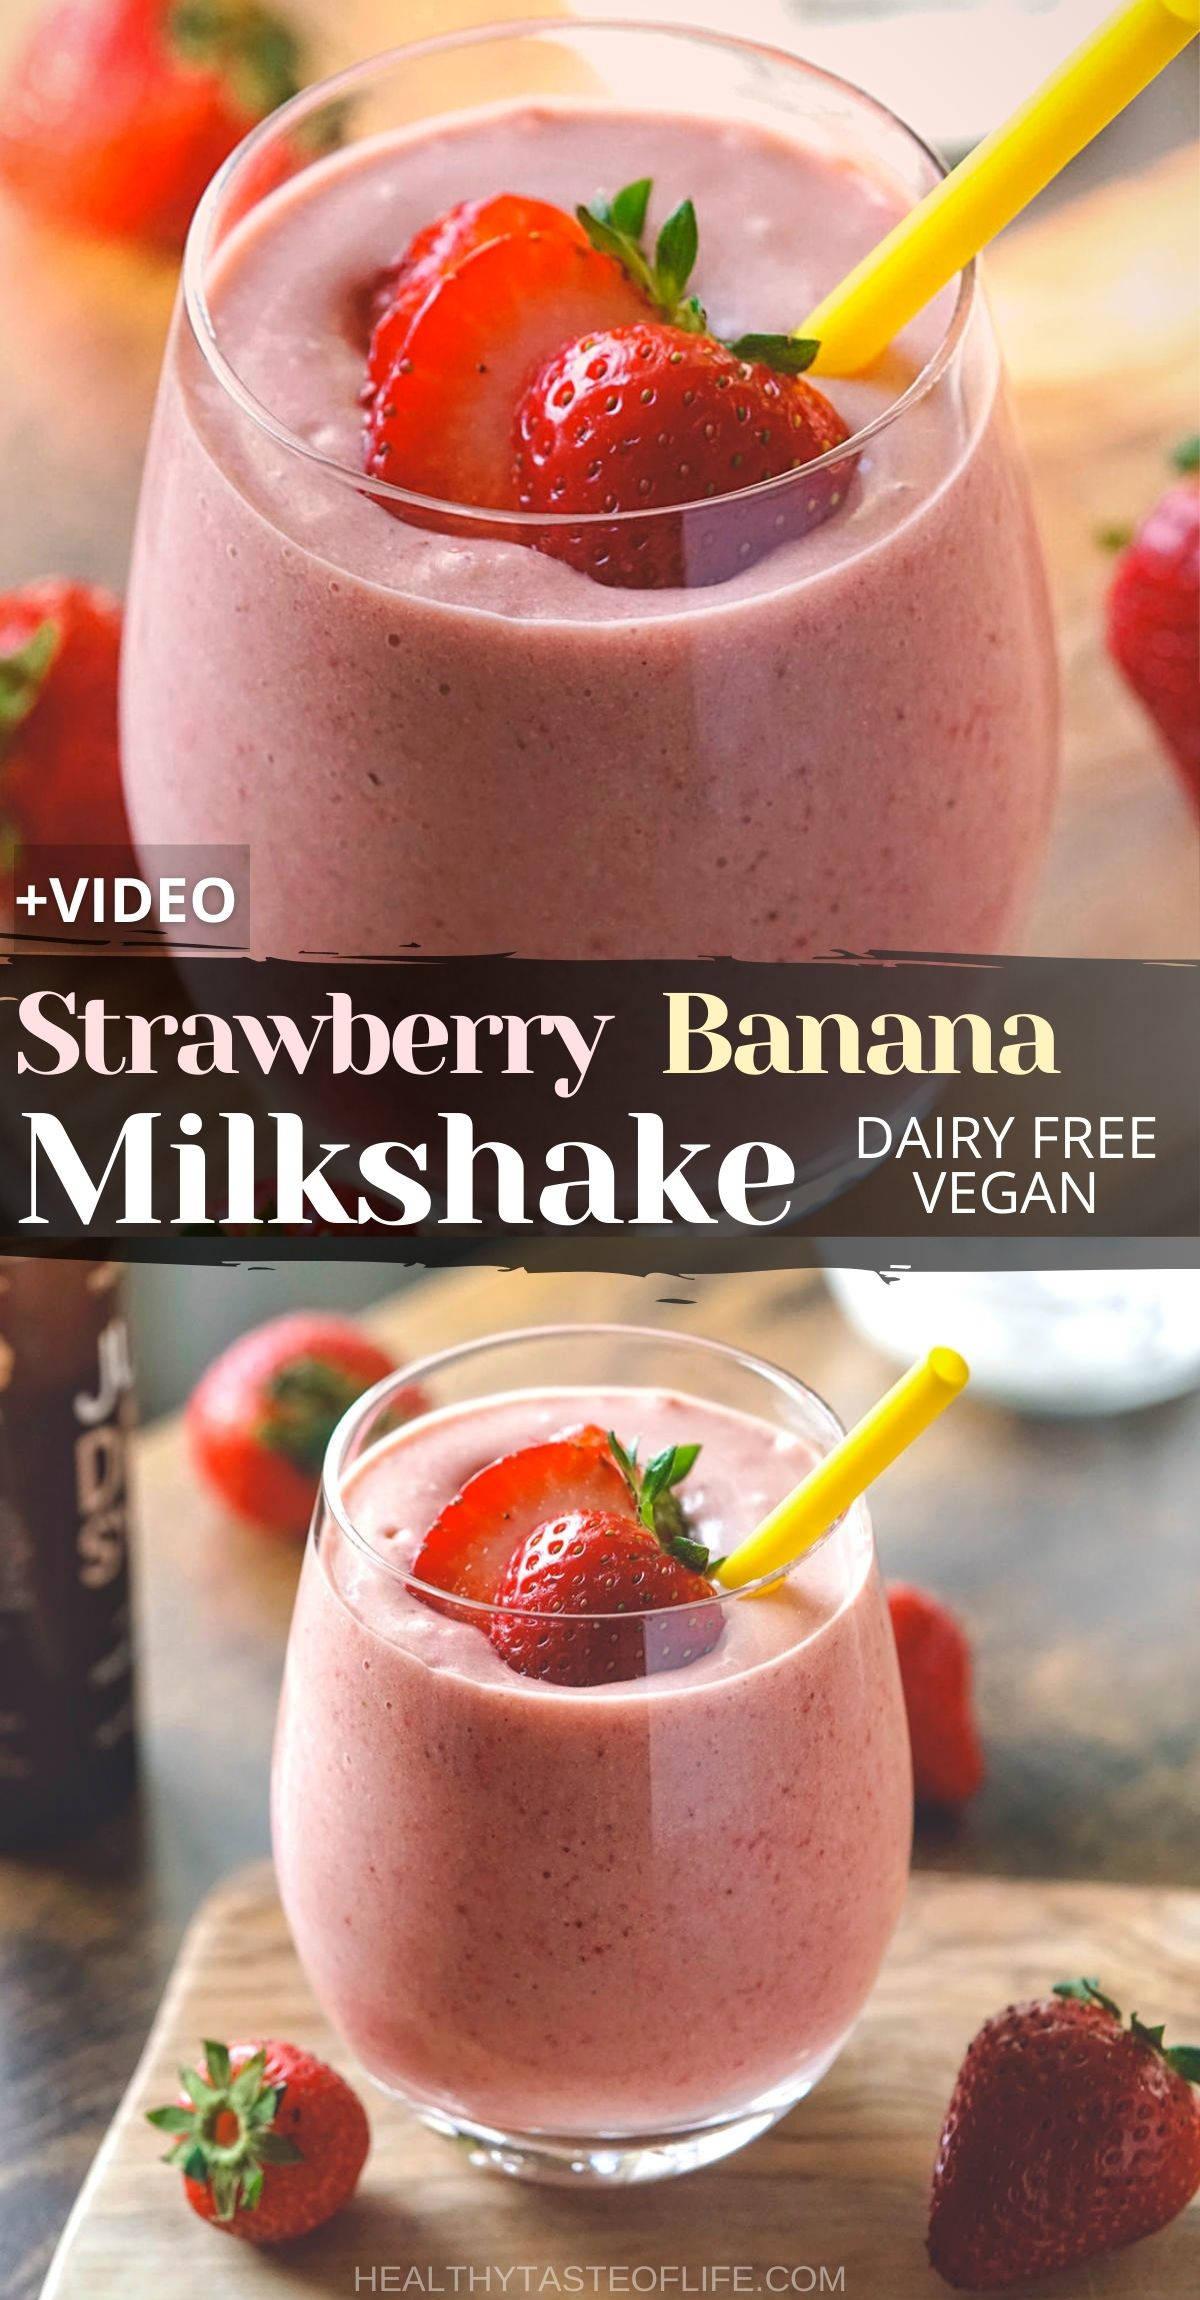 Strawberry banana milkshake dairy free vegan recipe.